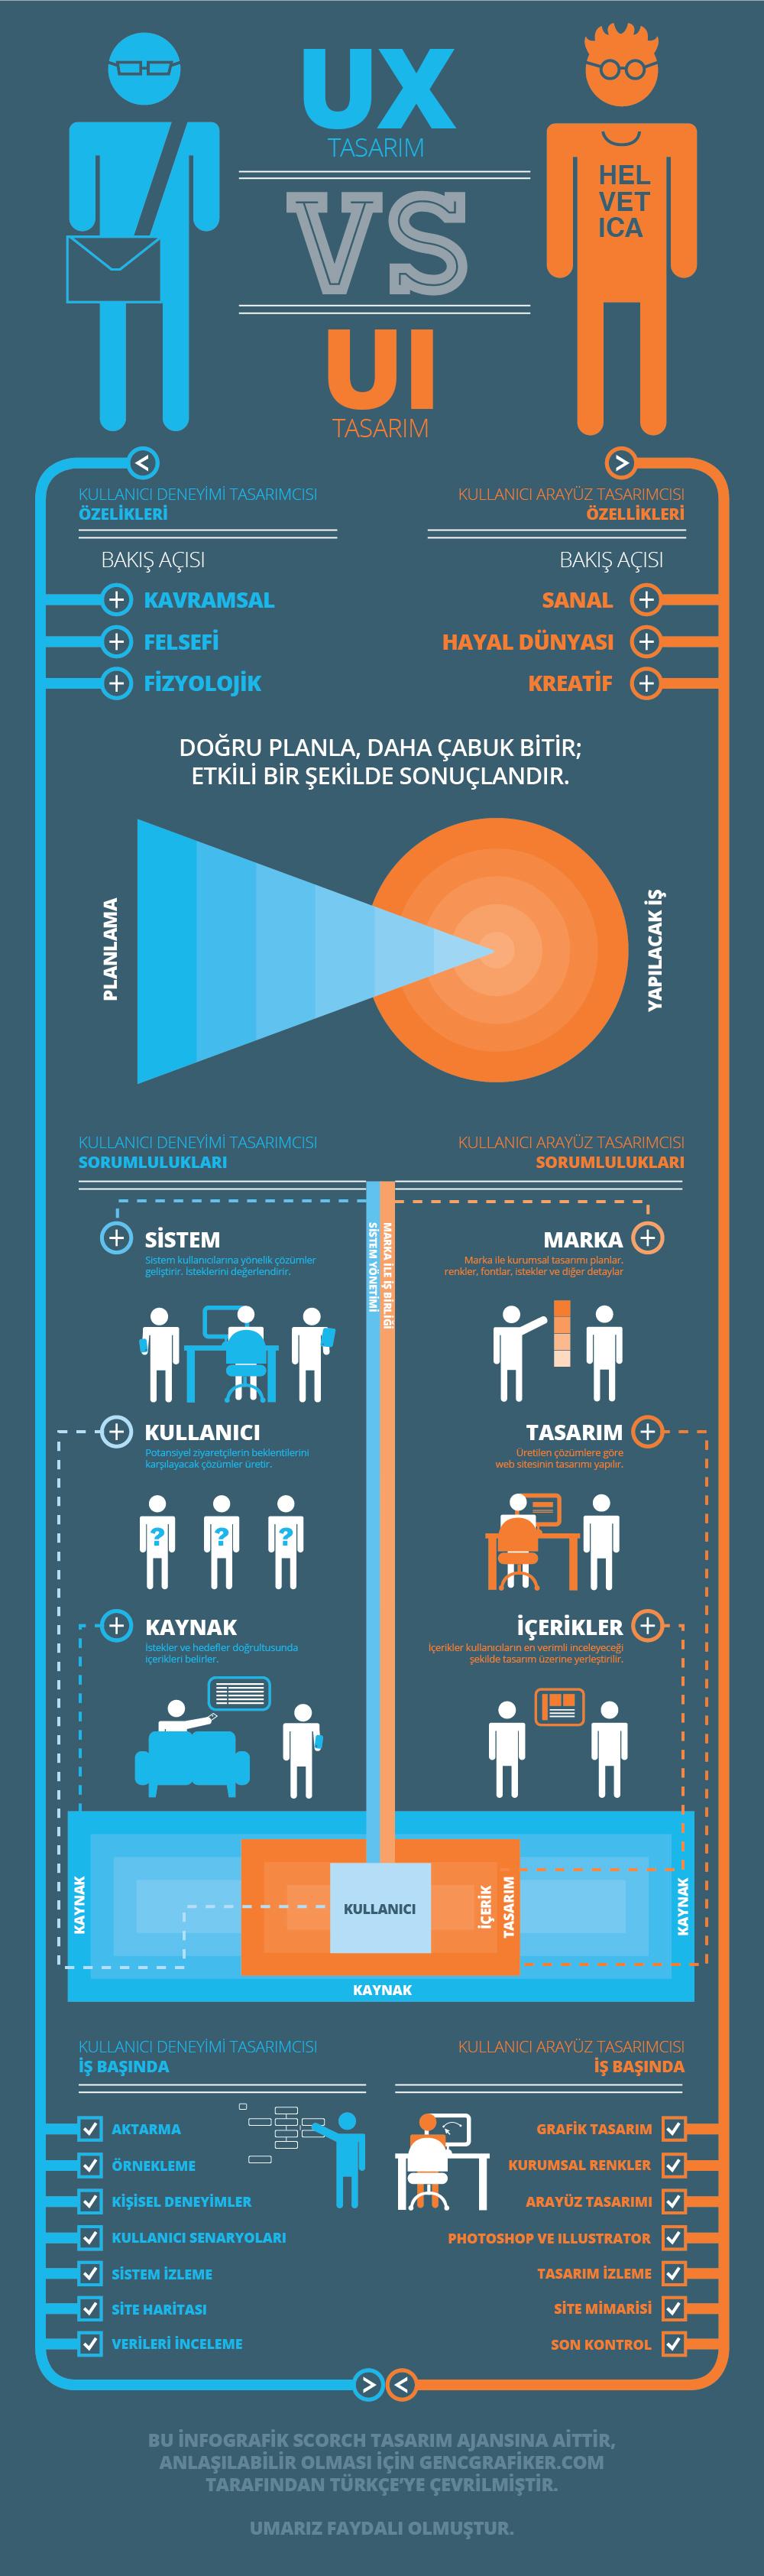 UX-tasarimcisi-ile-UI-tasarimcisi-arasindaki-farklar